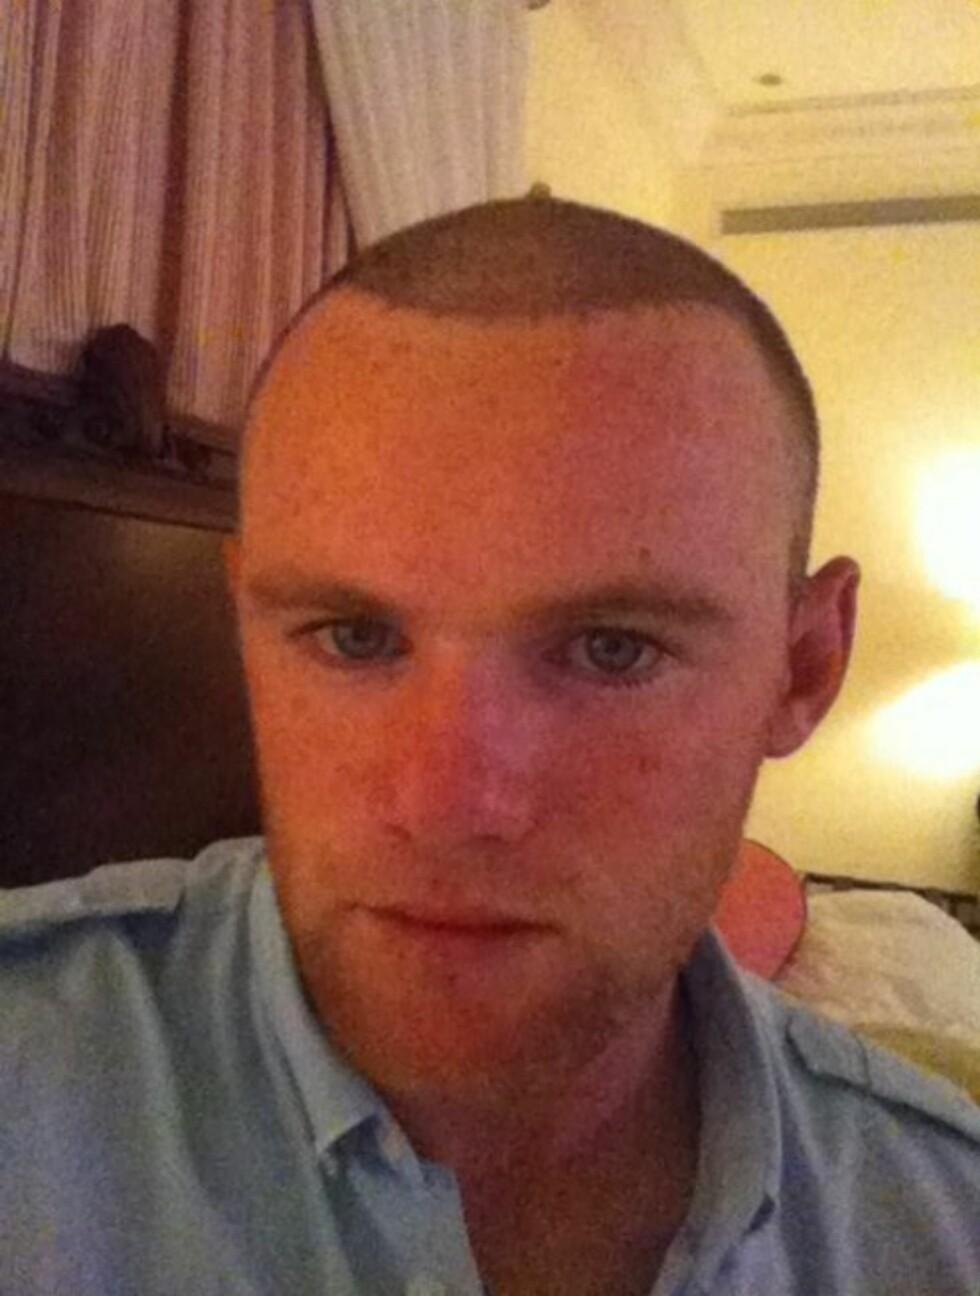 KJØPTE NYTT HÅR: Wayne Rooney svidde av flere hundre tusen kroner på hårtransplantasjon før han reiste på ferie. Nå lar han Twitter-fansen følge ham på ferden mot endelig resultat. Foto: Twitter